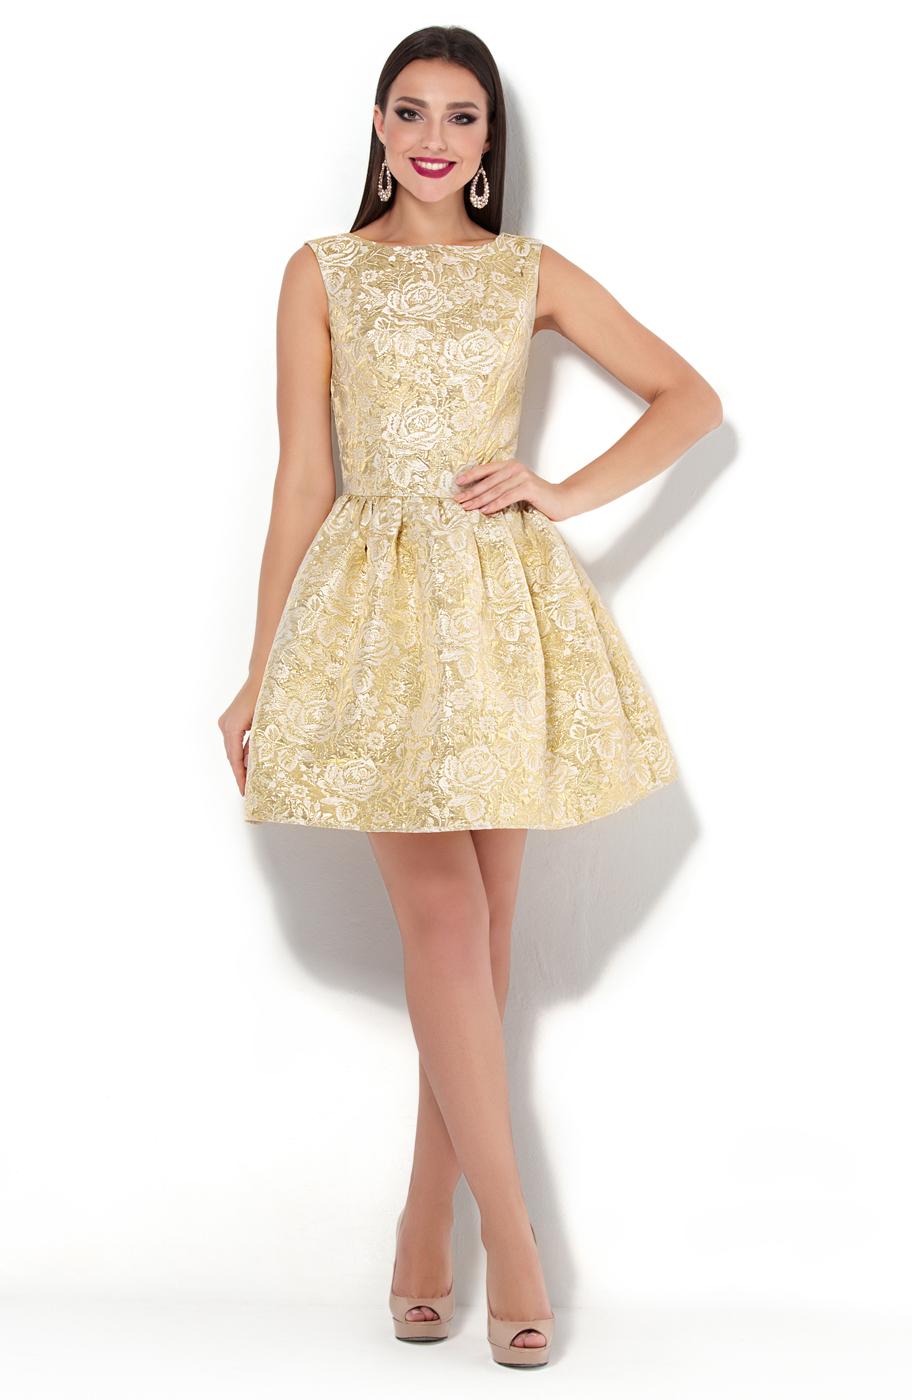 Сбор заказов. Don*na Sag*gia -одежда для изящных модниц. Шикарная новогодняя коллекция! Огромный выбор стильных платьев, юбок, блузок! Выкуп 65!